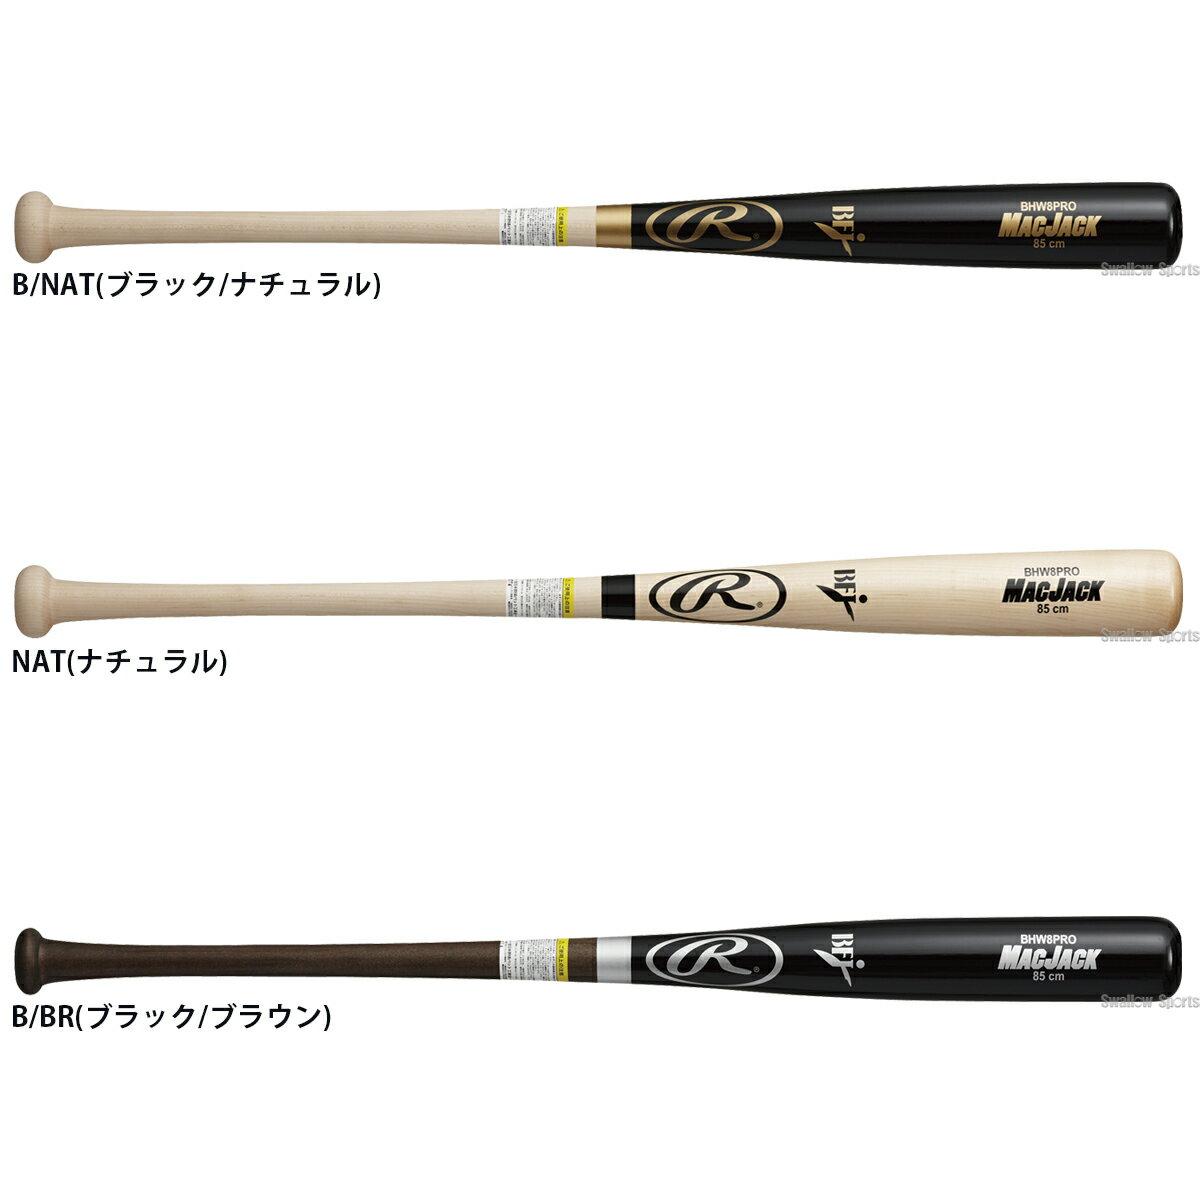 【あす楽対応】 ローリングス 硬式 バット BFJ MAC JACK 木製 (メイプル JAPAN) プロモデル BHW8PRO 硬式用 木製バット BFJ 夏季大会 合宿 野球部 野球用品 スワロースポーツ